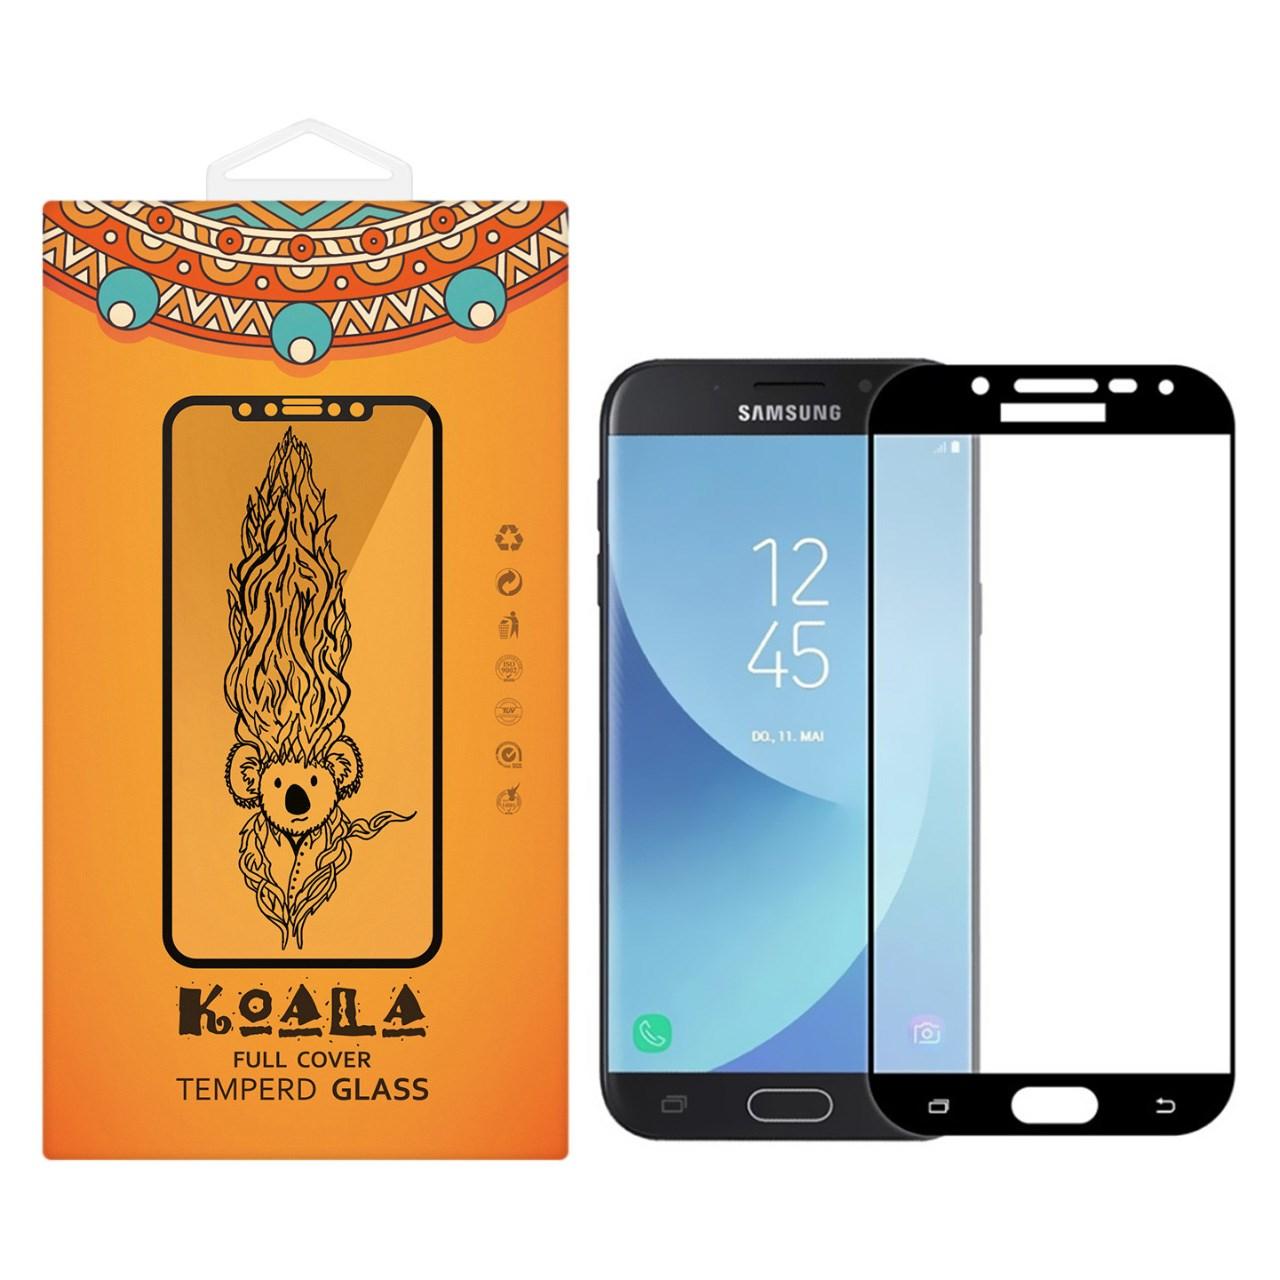 محافظ صفحه نمایش شیشه ای کوالا مدل Full Cover مناسب برای گوشی موبایل سامسونگ Galaxy J5 Pro